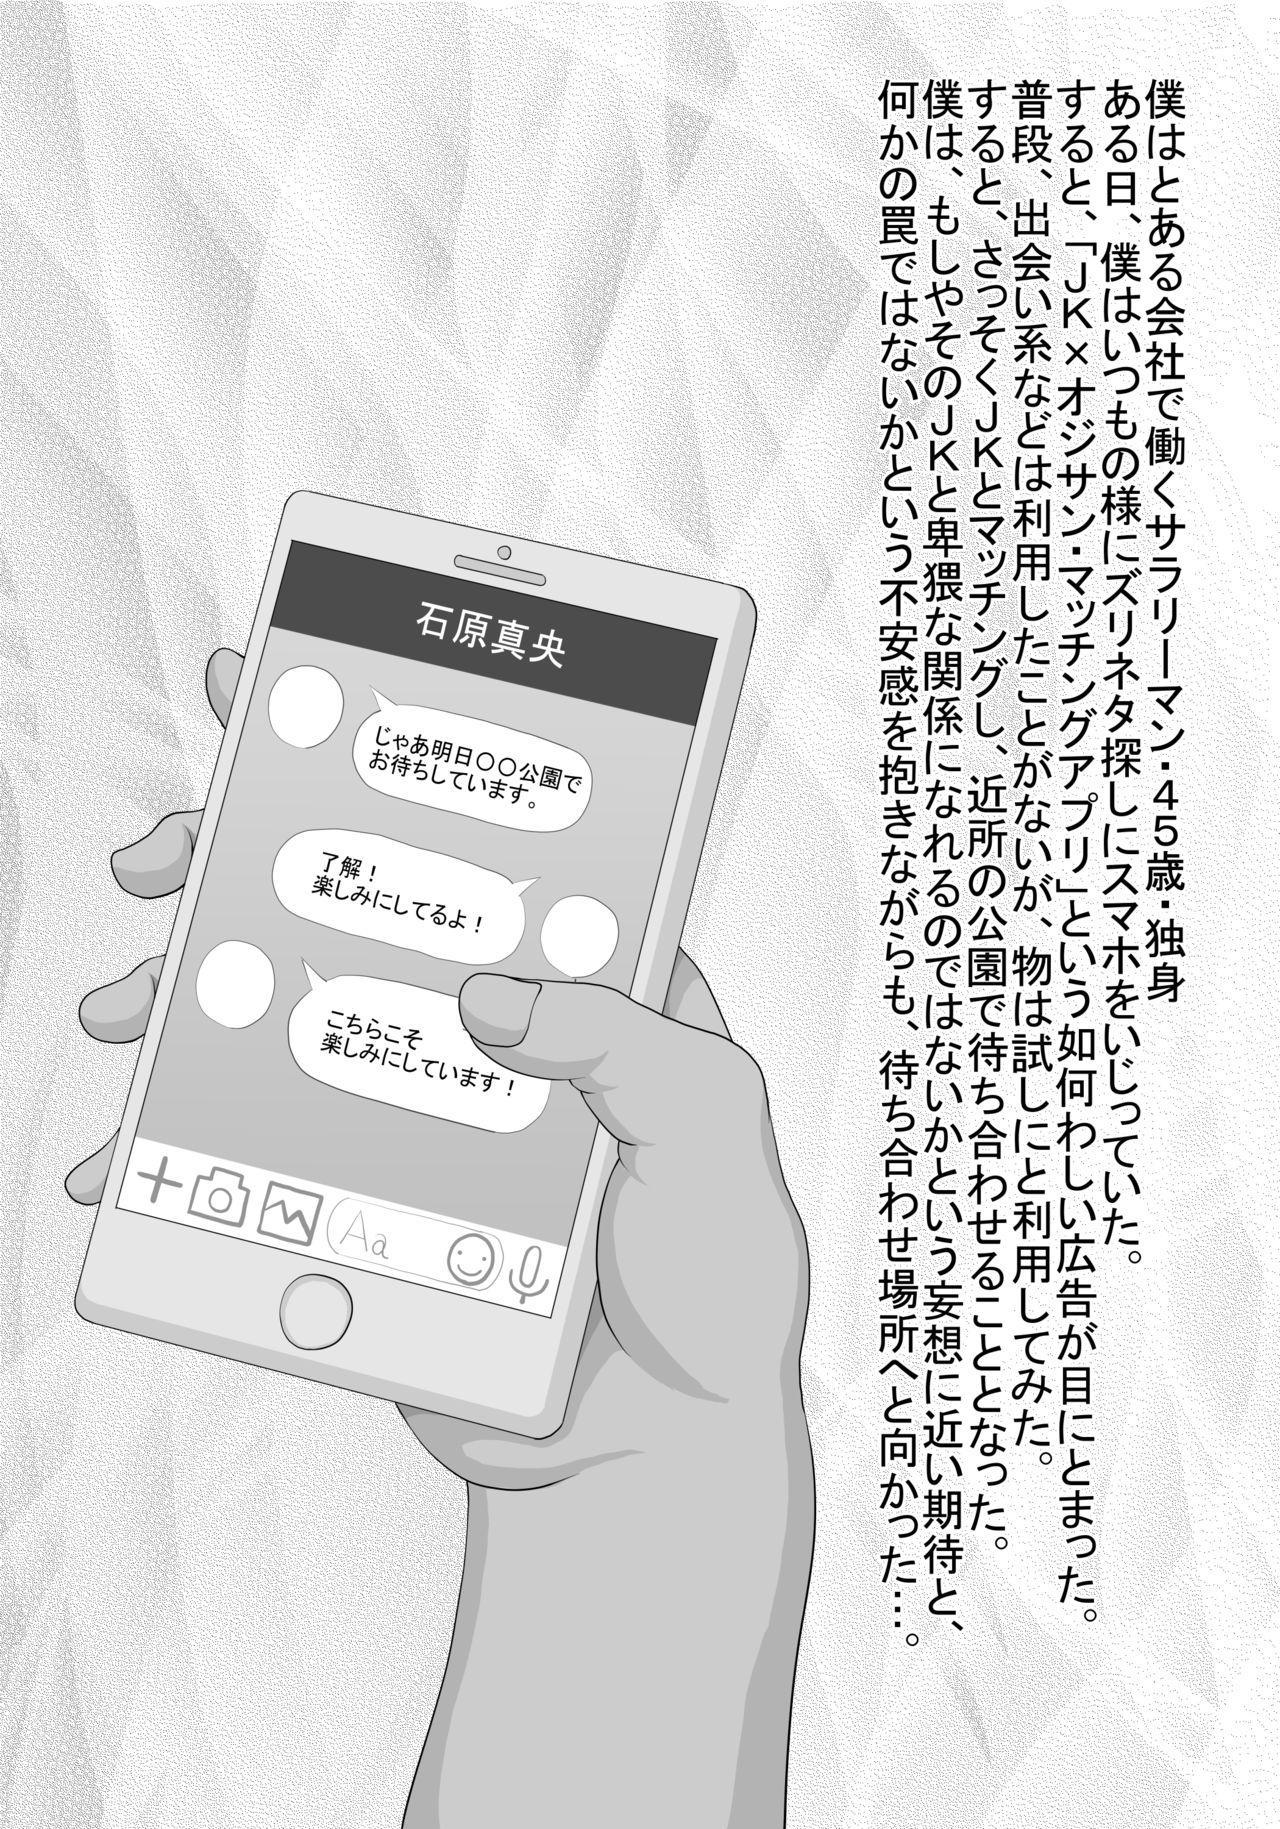 Matching Appli de Shiriatta Kyonyuu JK to Yaritai Houdai! 1